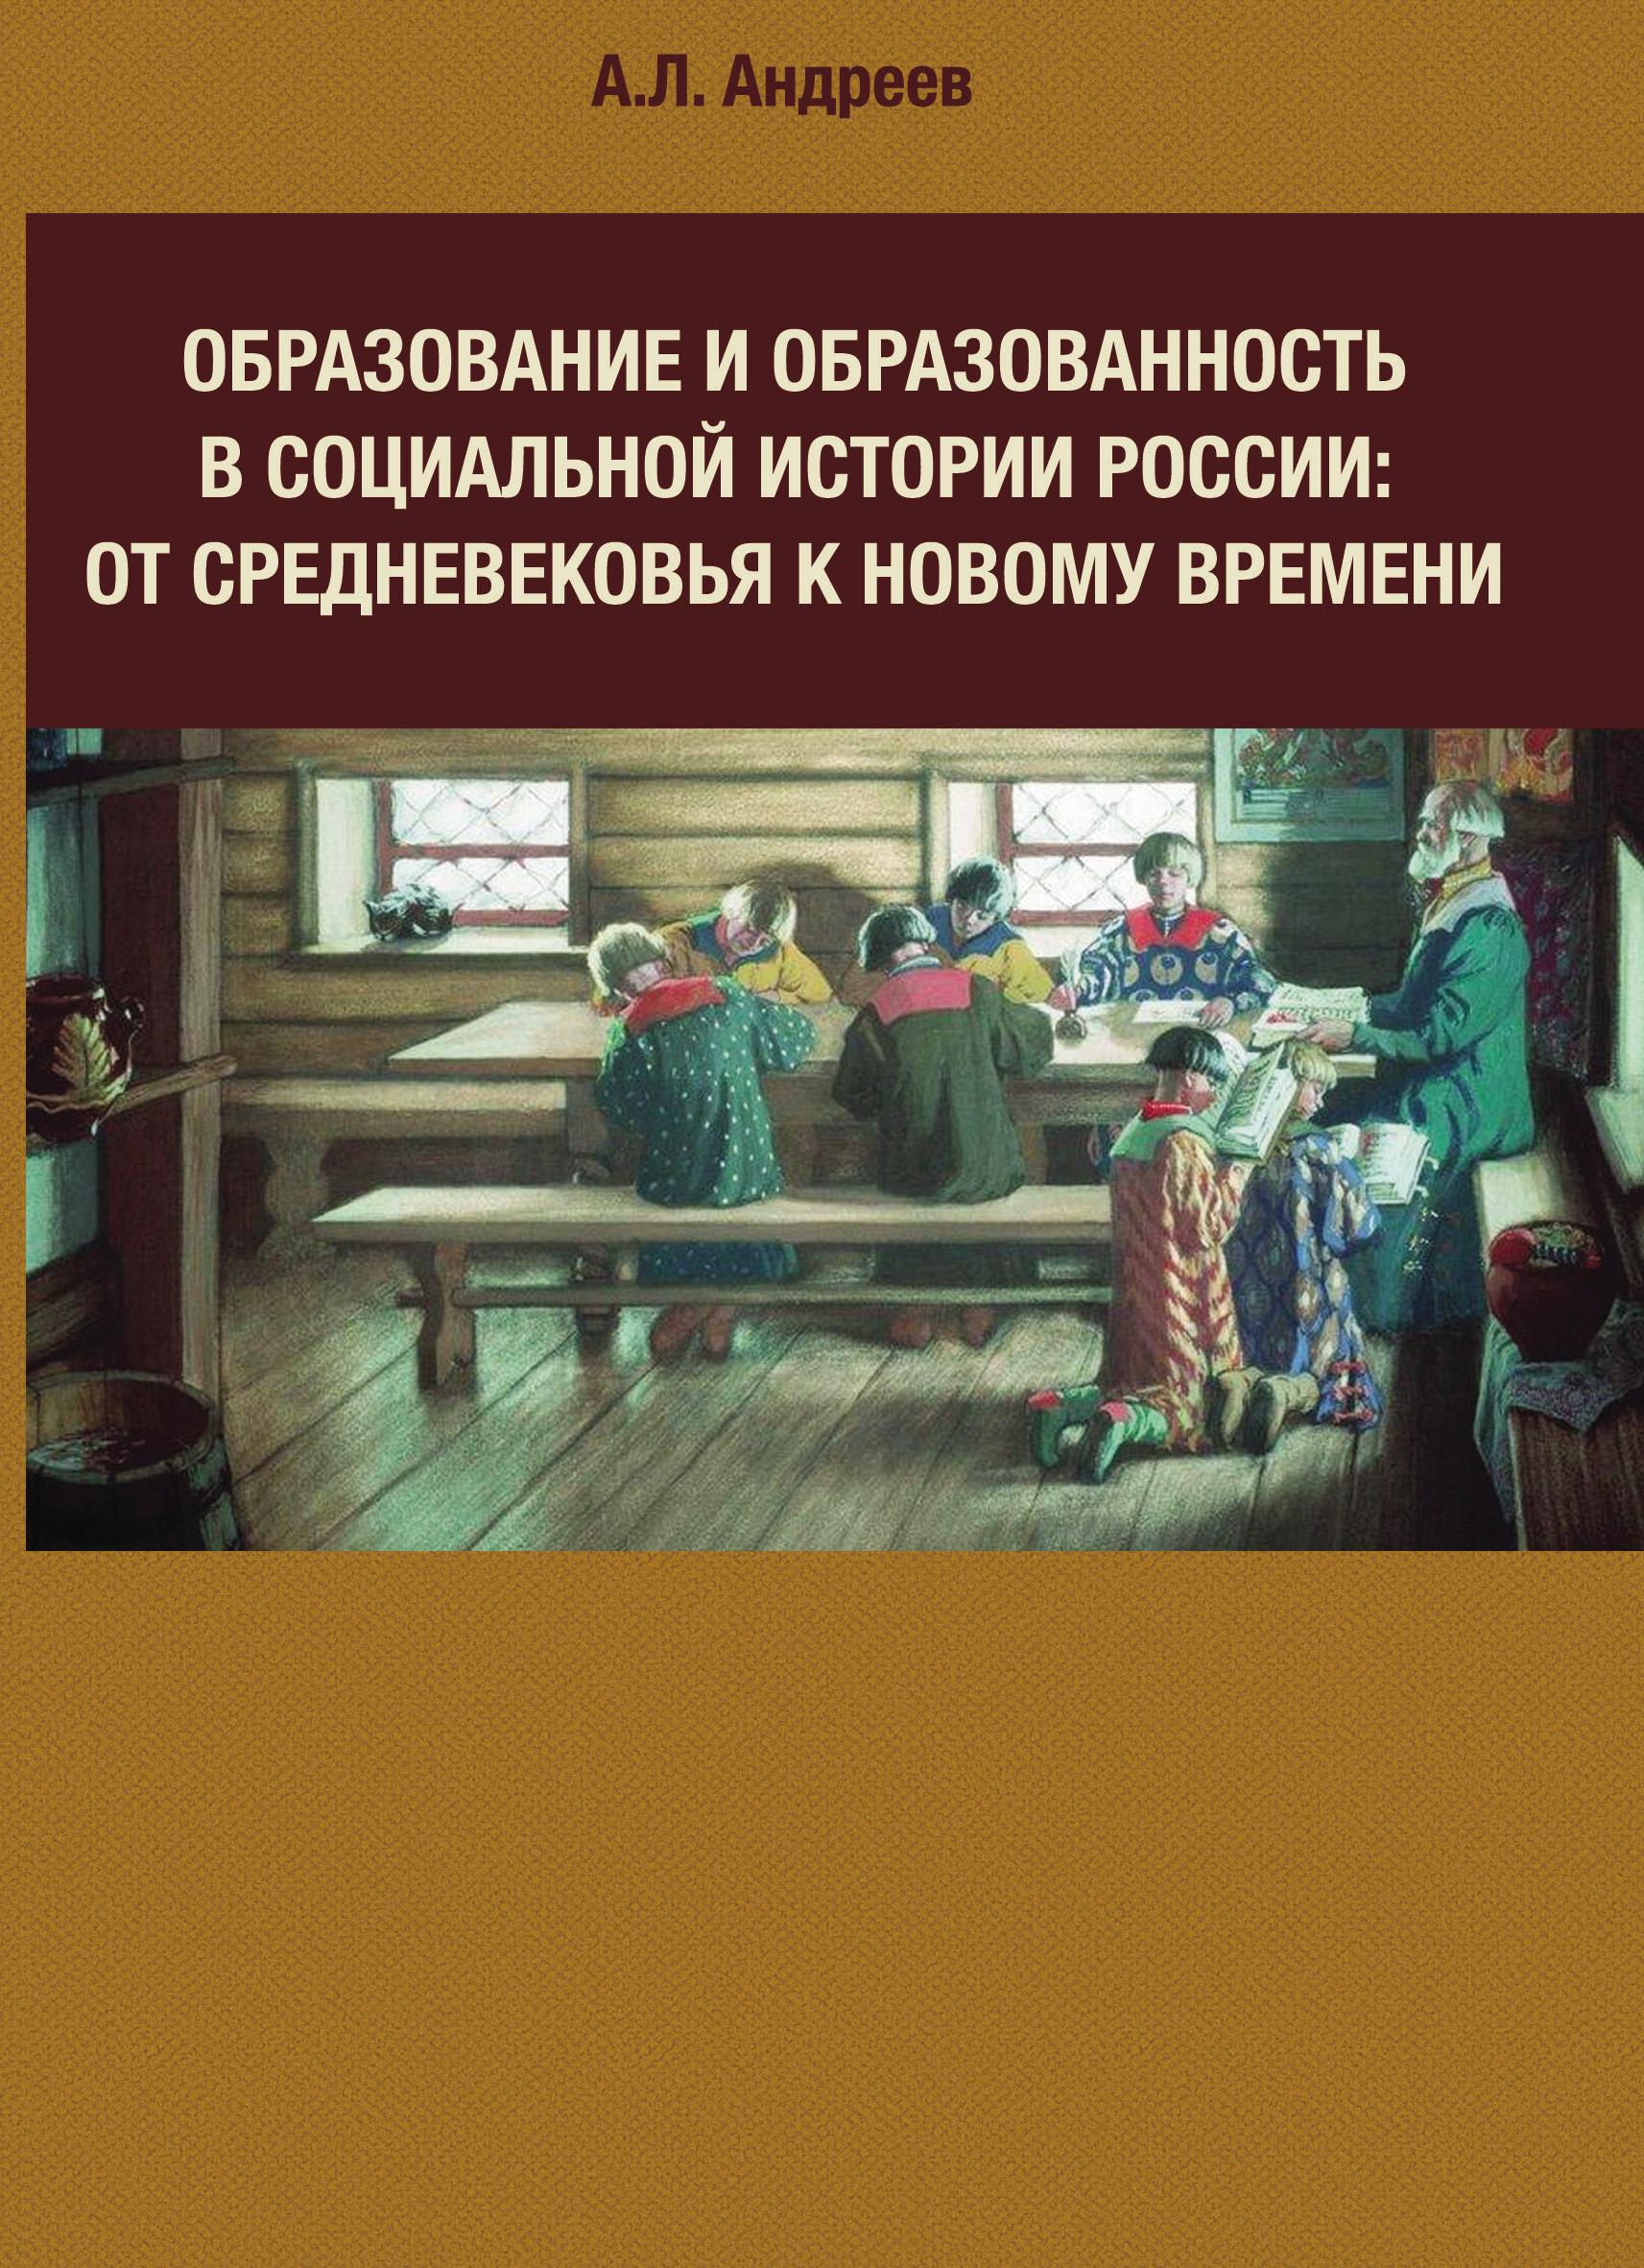 Образование и образованность в социальной истории России: от Средневековья к Новому времени